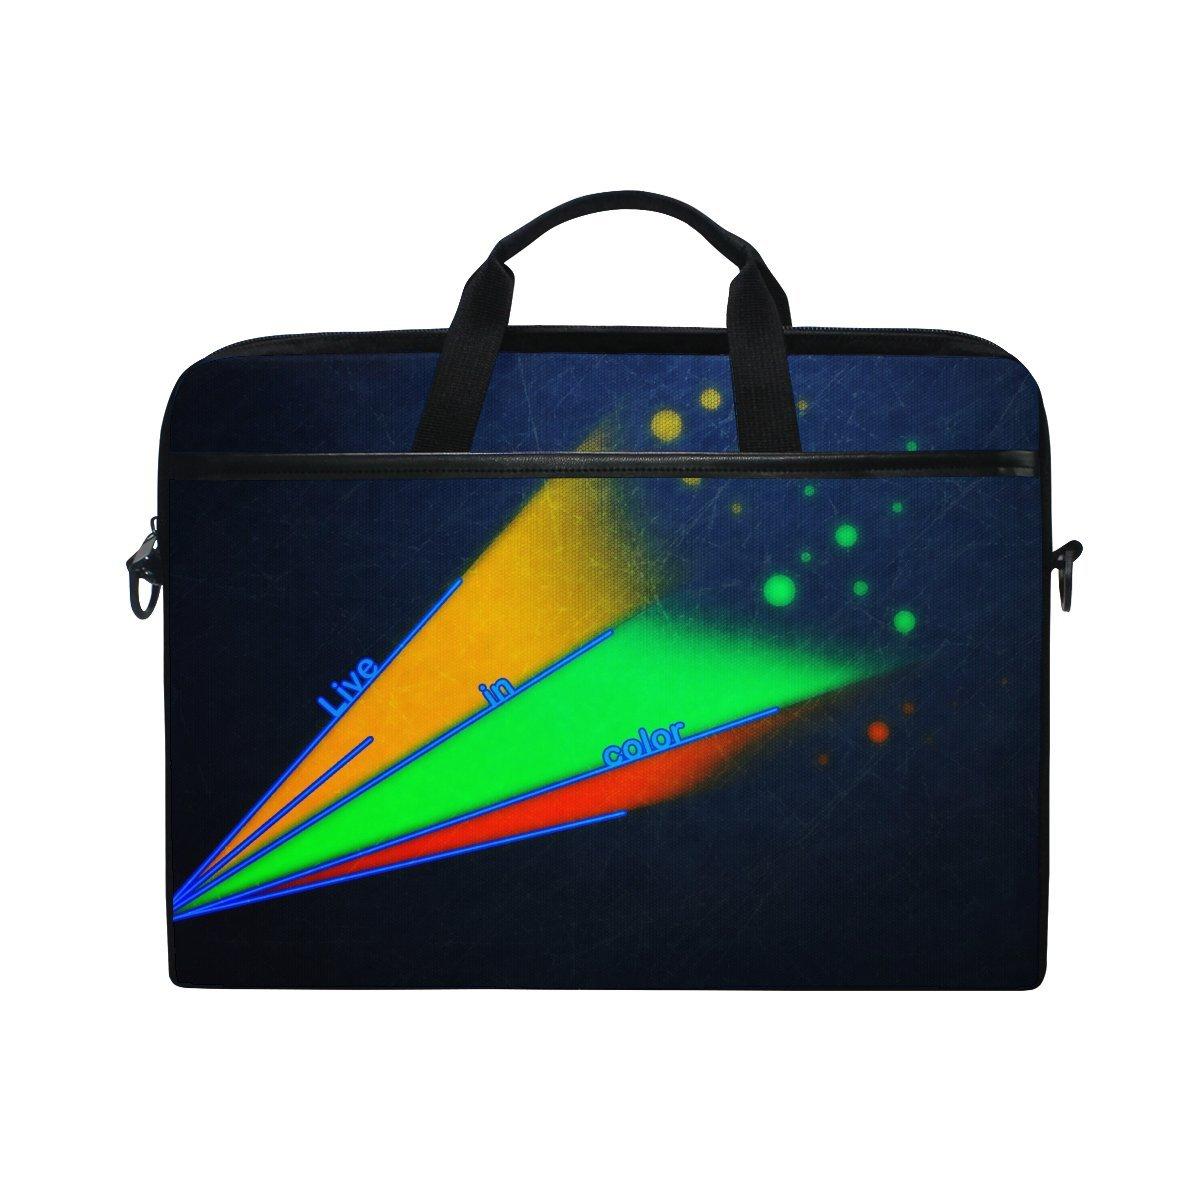 outlet Figurines Colorful Lines Laptop Shoulder Messenger Bag Case Sleeve For 14 Inch To 15.6 Inch With Adjustable Notebook Shoulder Strap